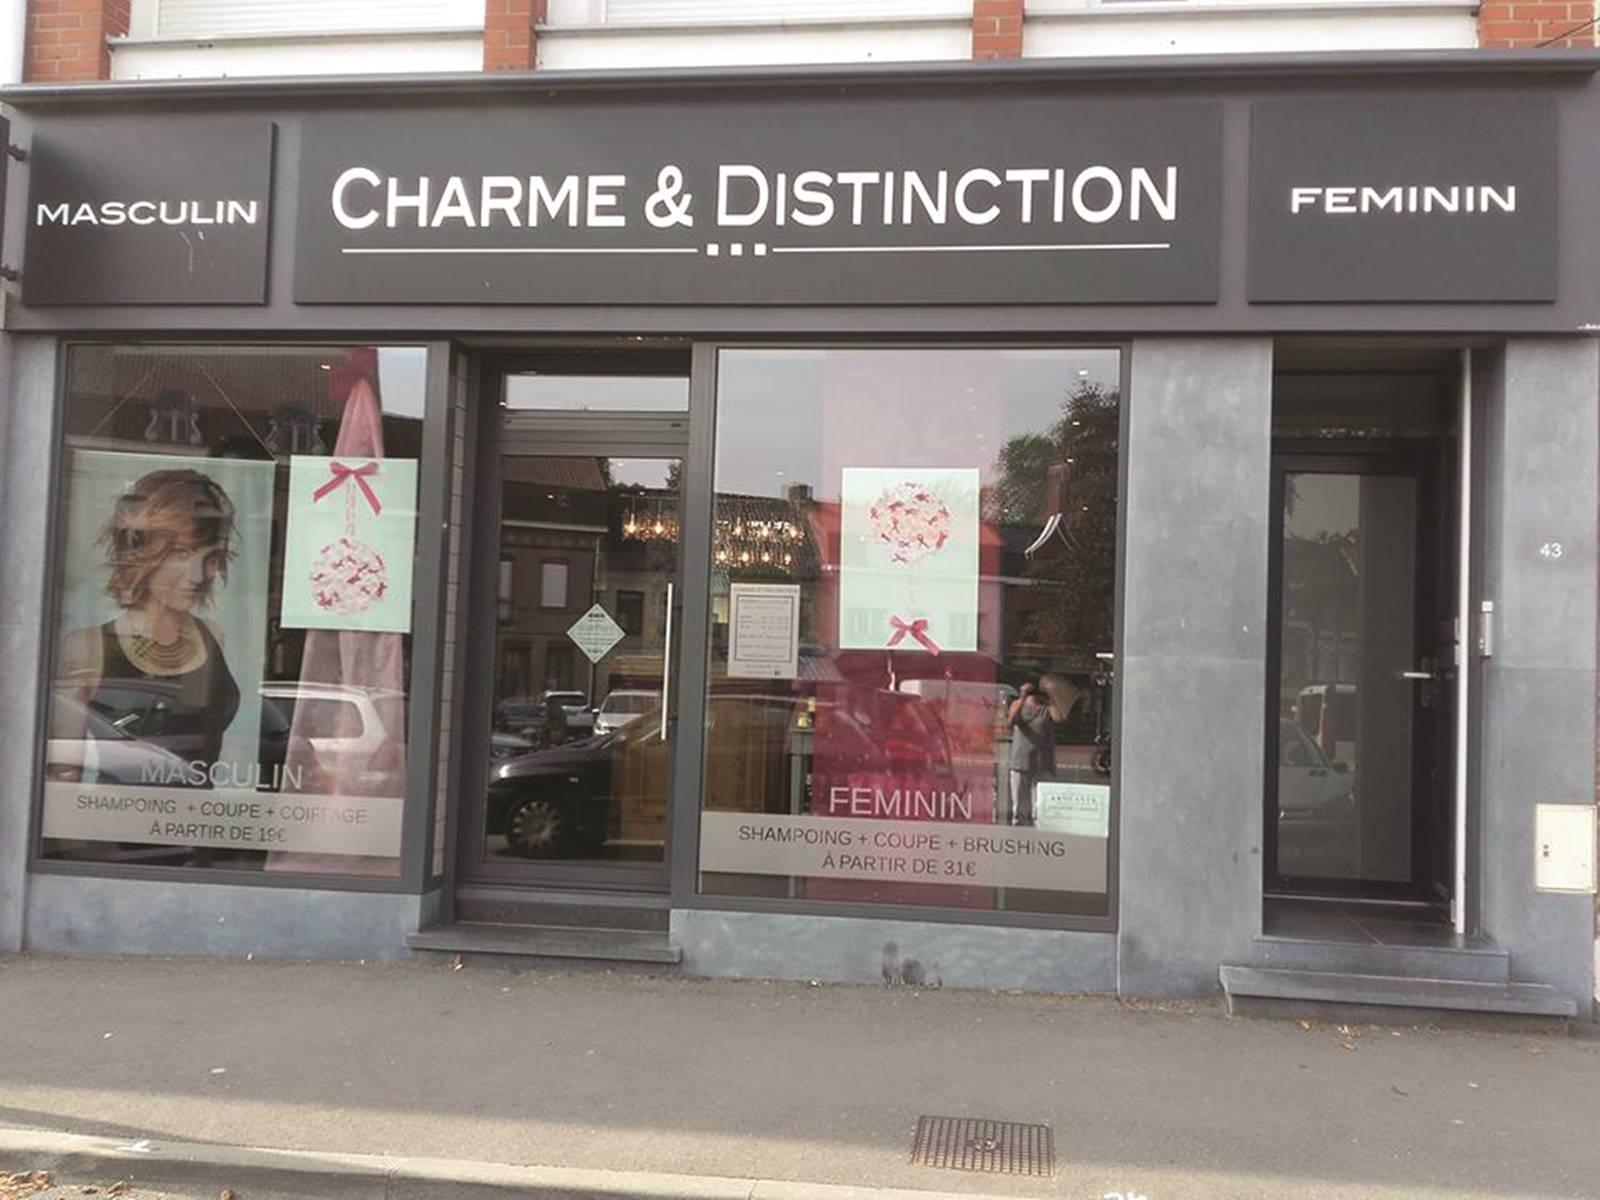 commerces-charmes-distinction.jpg